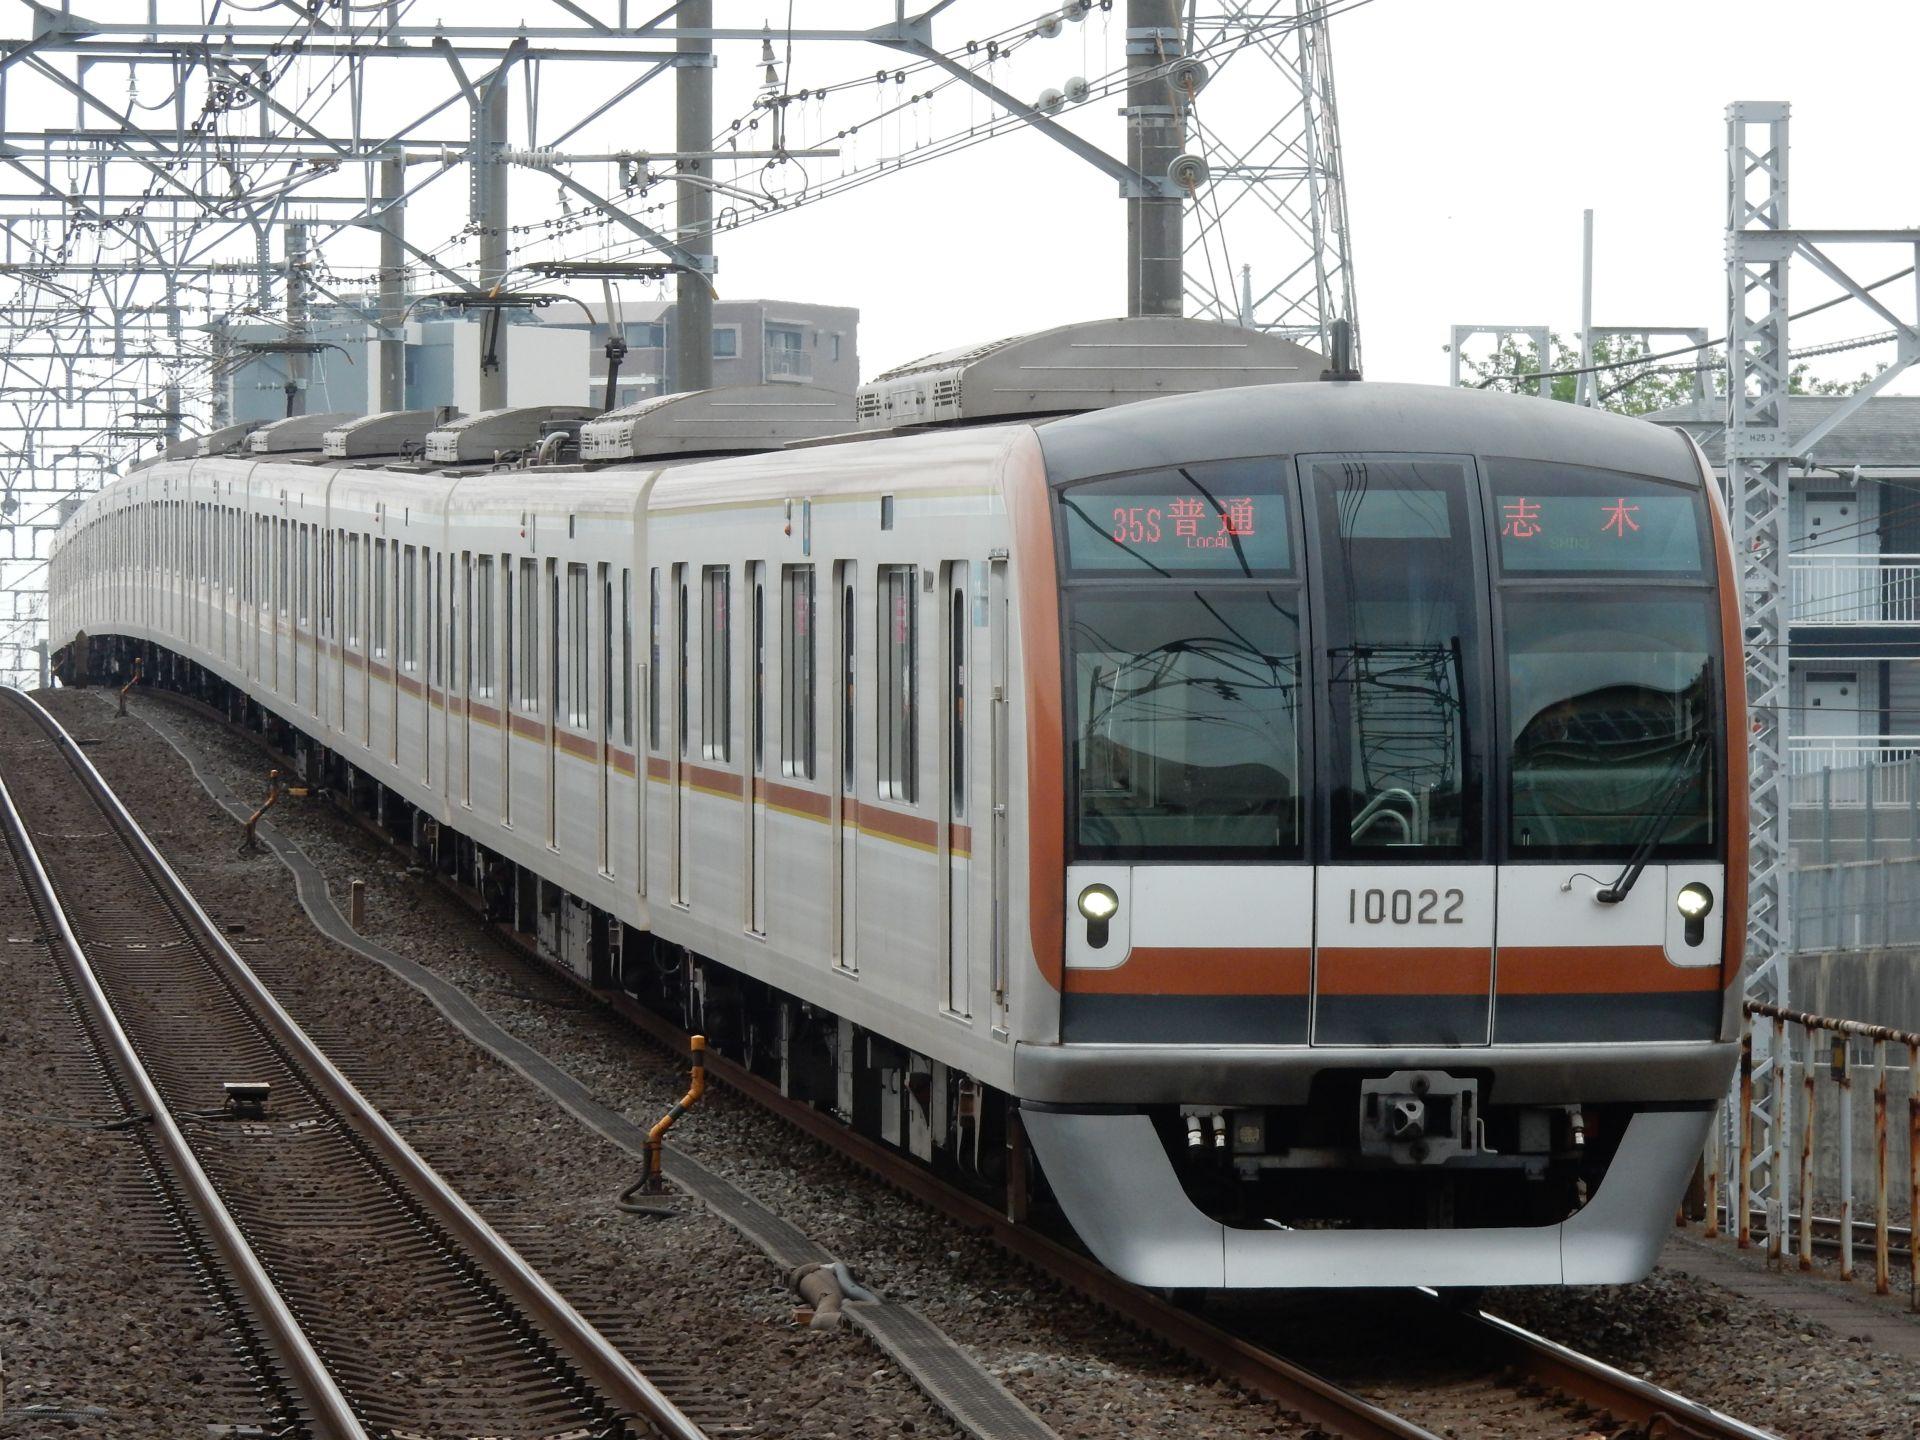 DSCN8742 - コピー